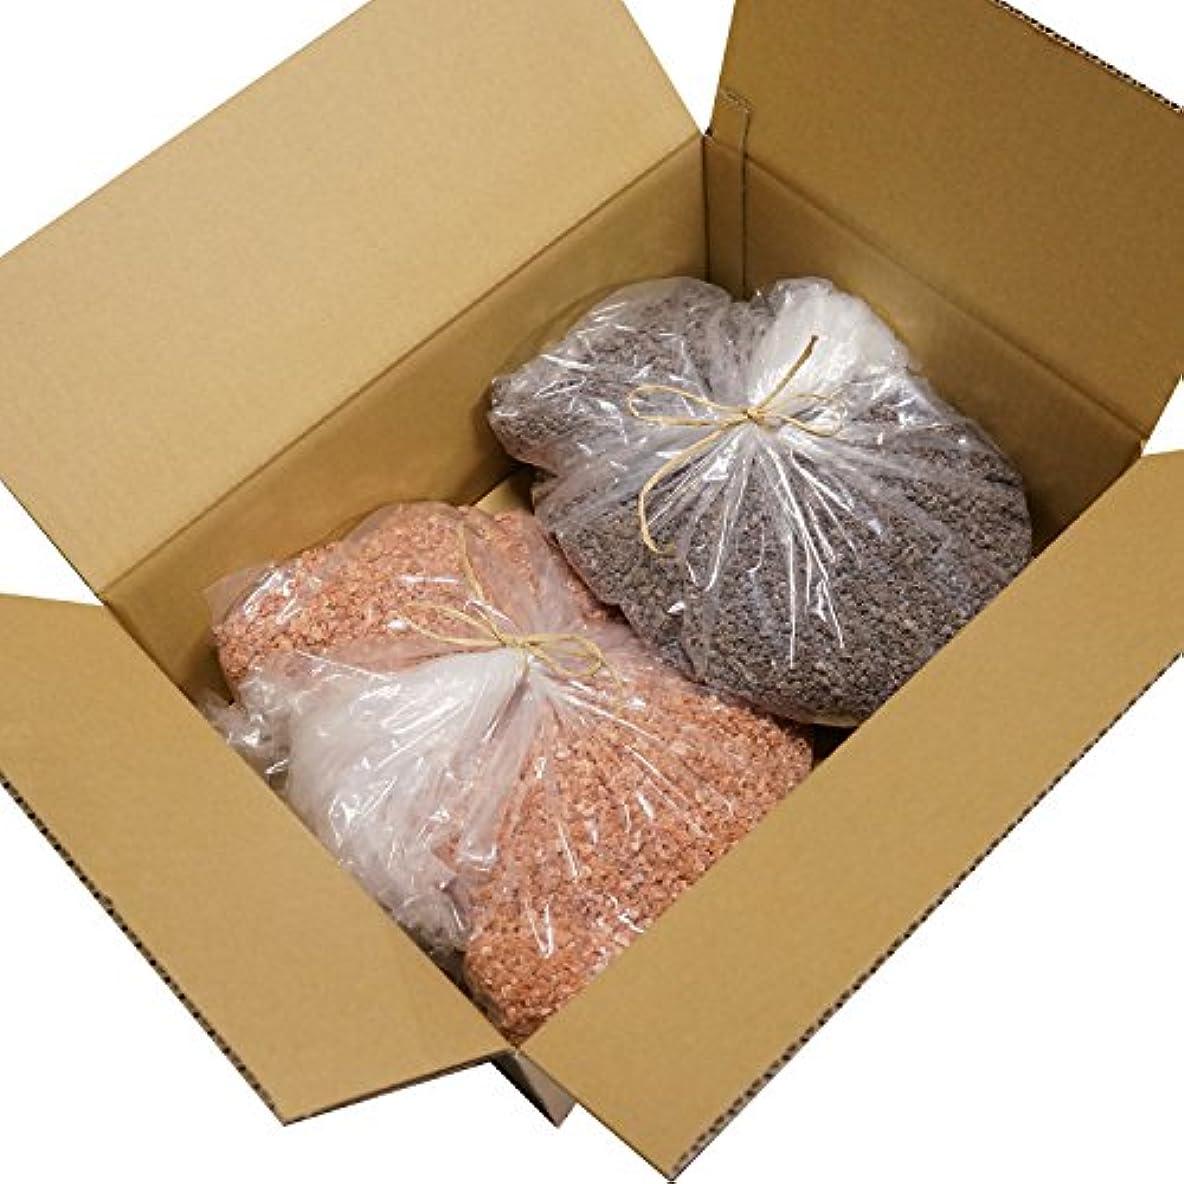 軌道虎広告主ヒマラヤ岩塩 ピンク ブラック グレイン 各 10,000g 20kg 粗粒 ミル 原料